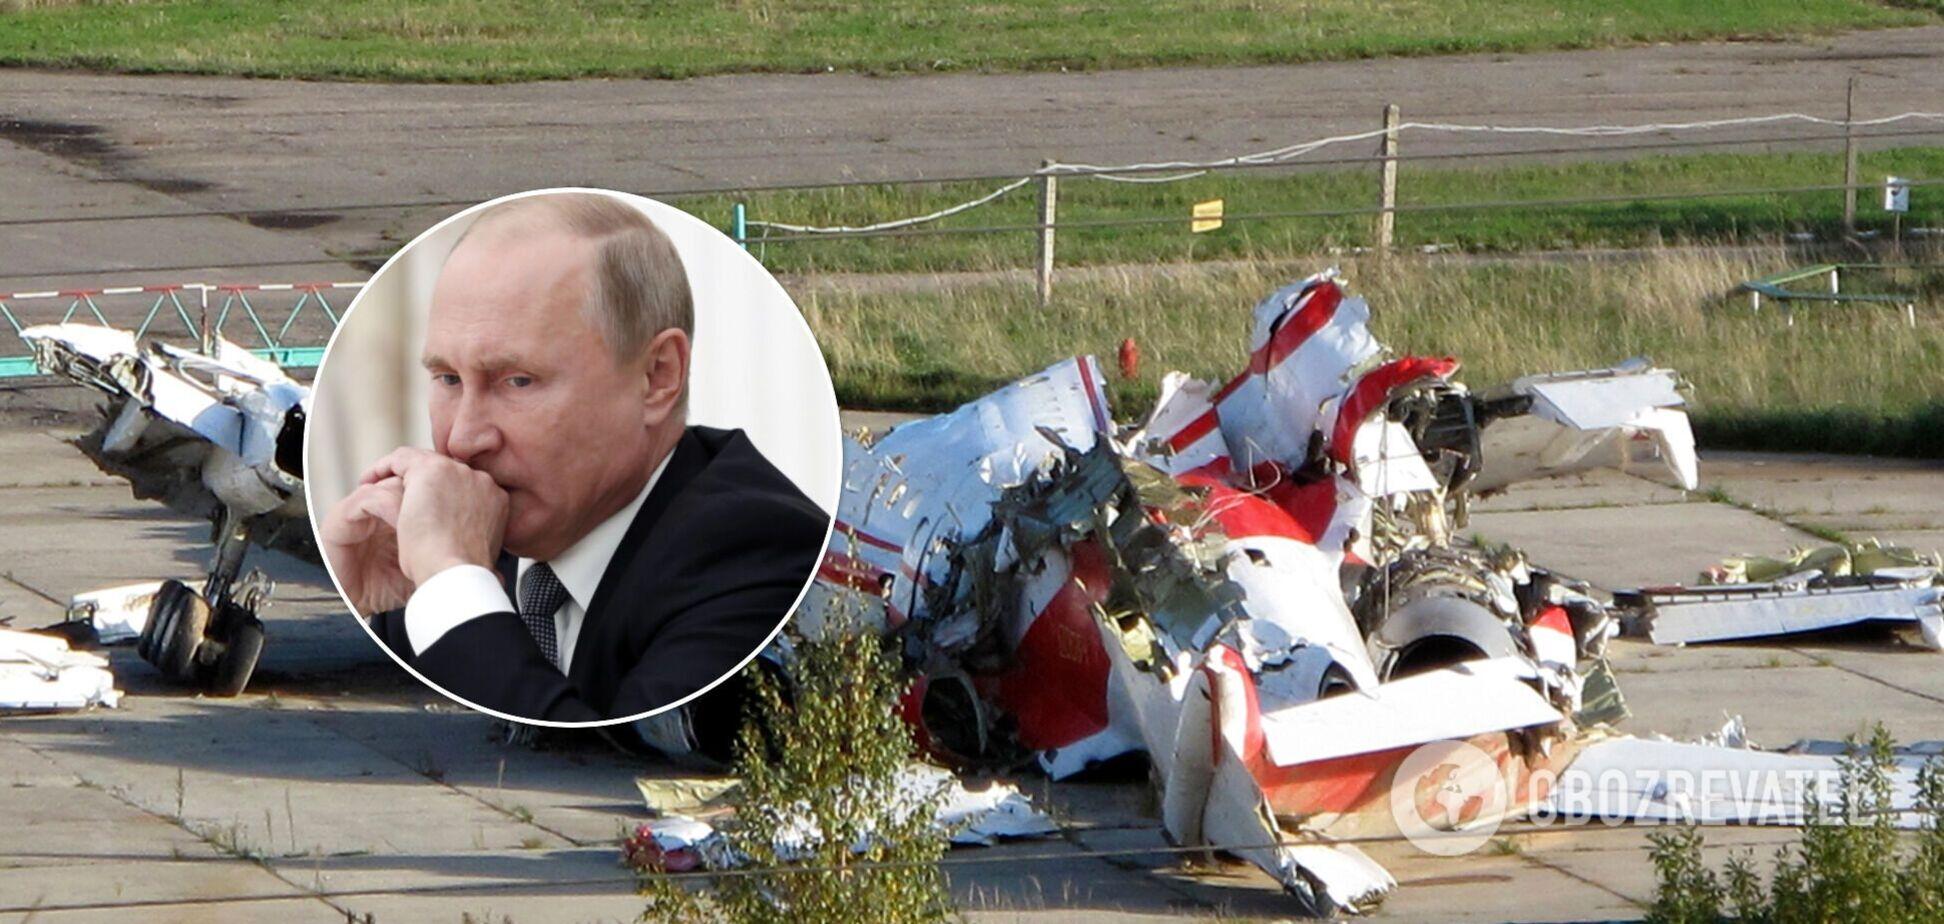 Смоленский конец Путина. В Польше анонсировали отчет по катастрофе самолета Качиньского